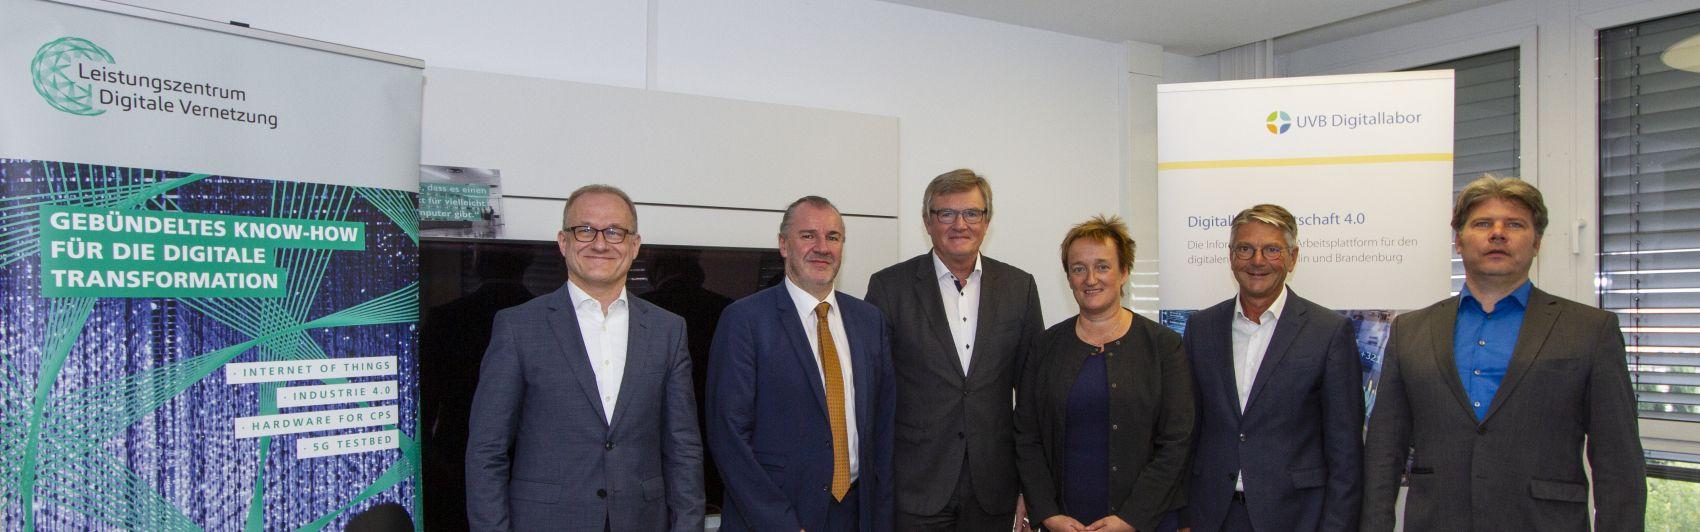 Unterzeichnung der Kooperationsvereinbarung zwischen UVB und Fraunhofer-Institut